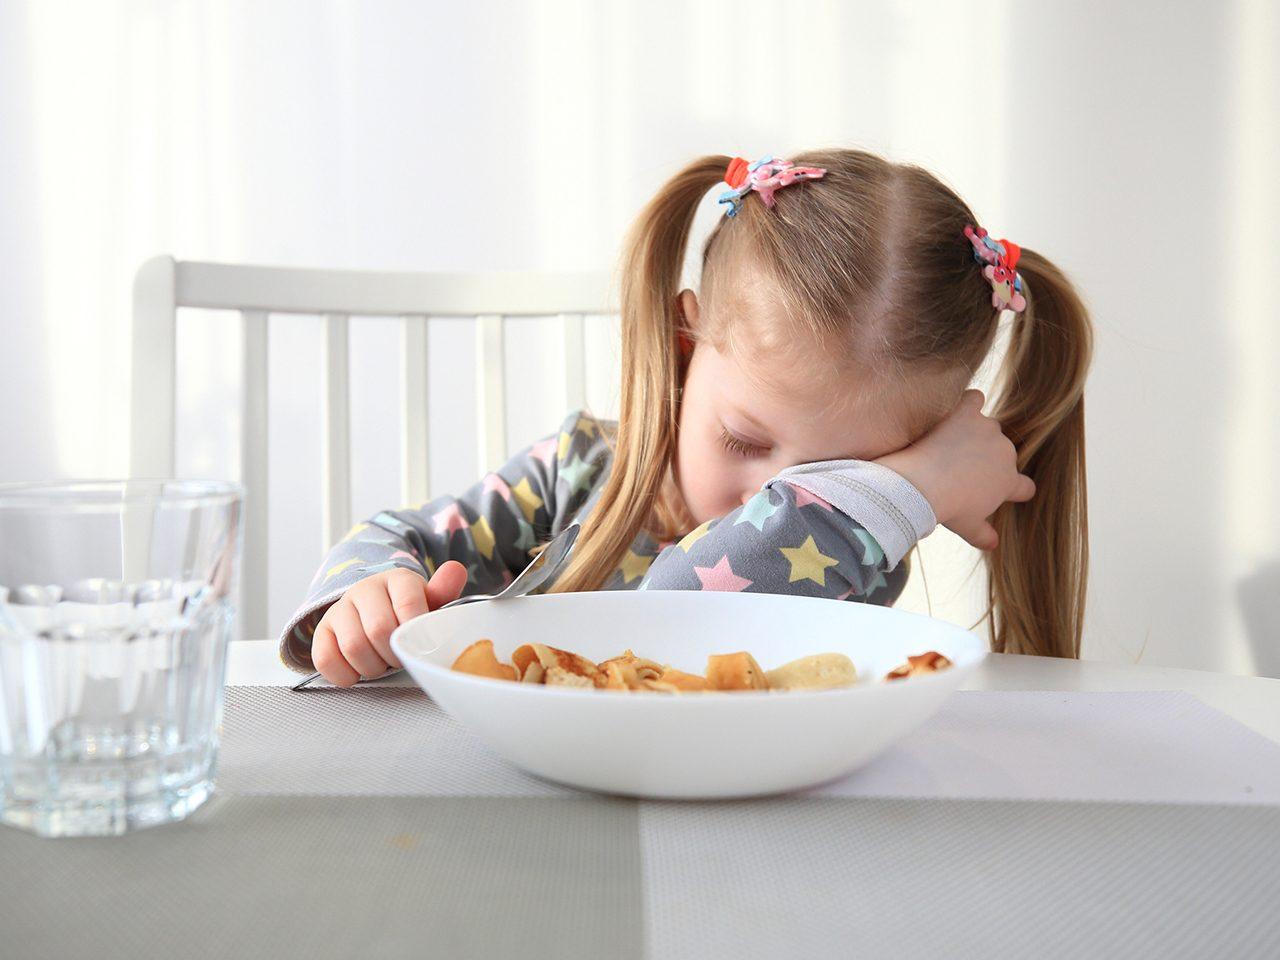 اعراض الانيميا عند الاطفال وطرق علاجها ونصائح للوقاية من الانيميا